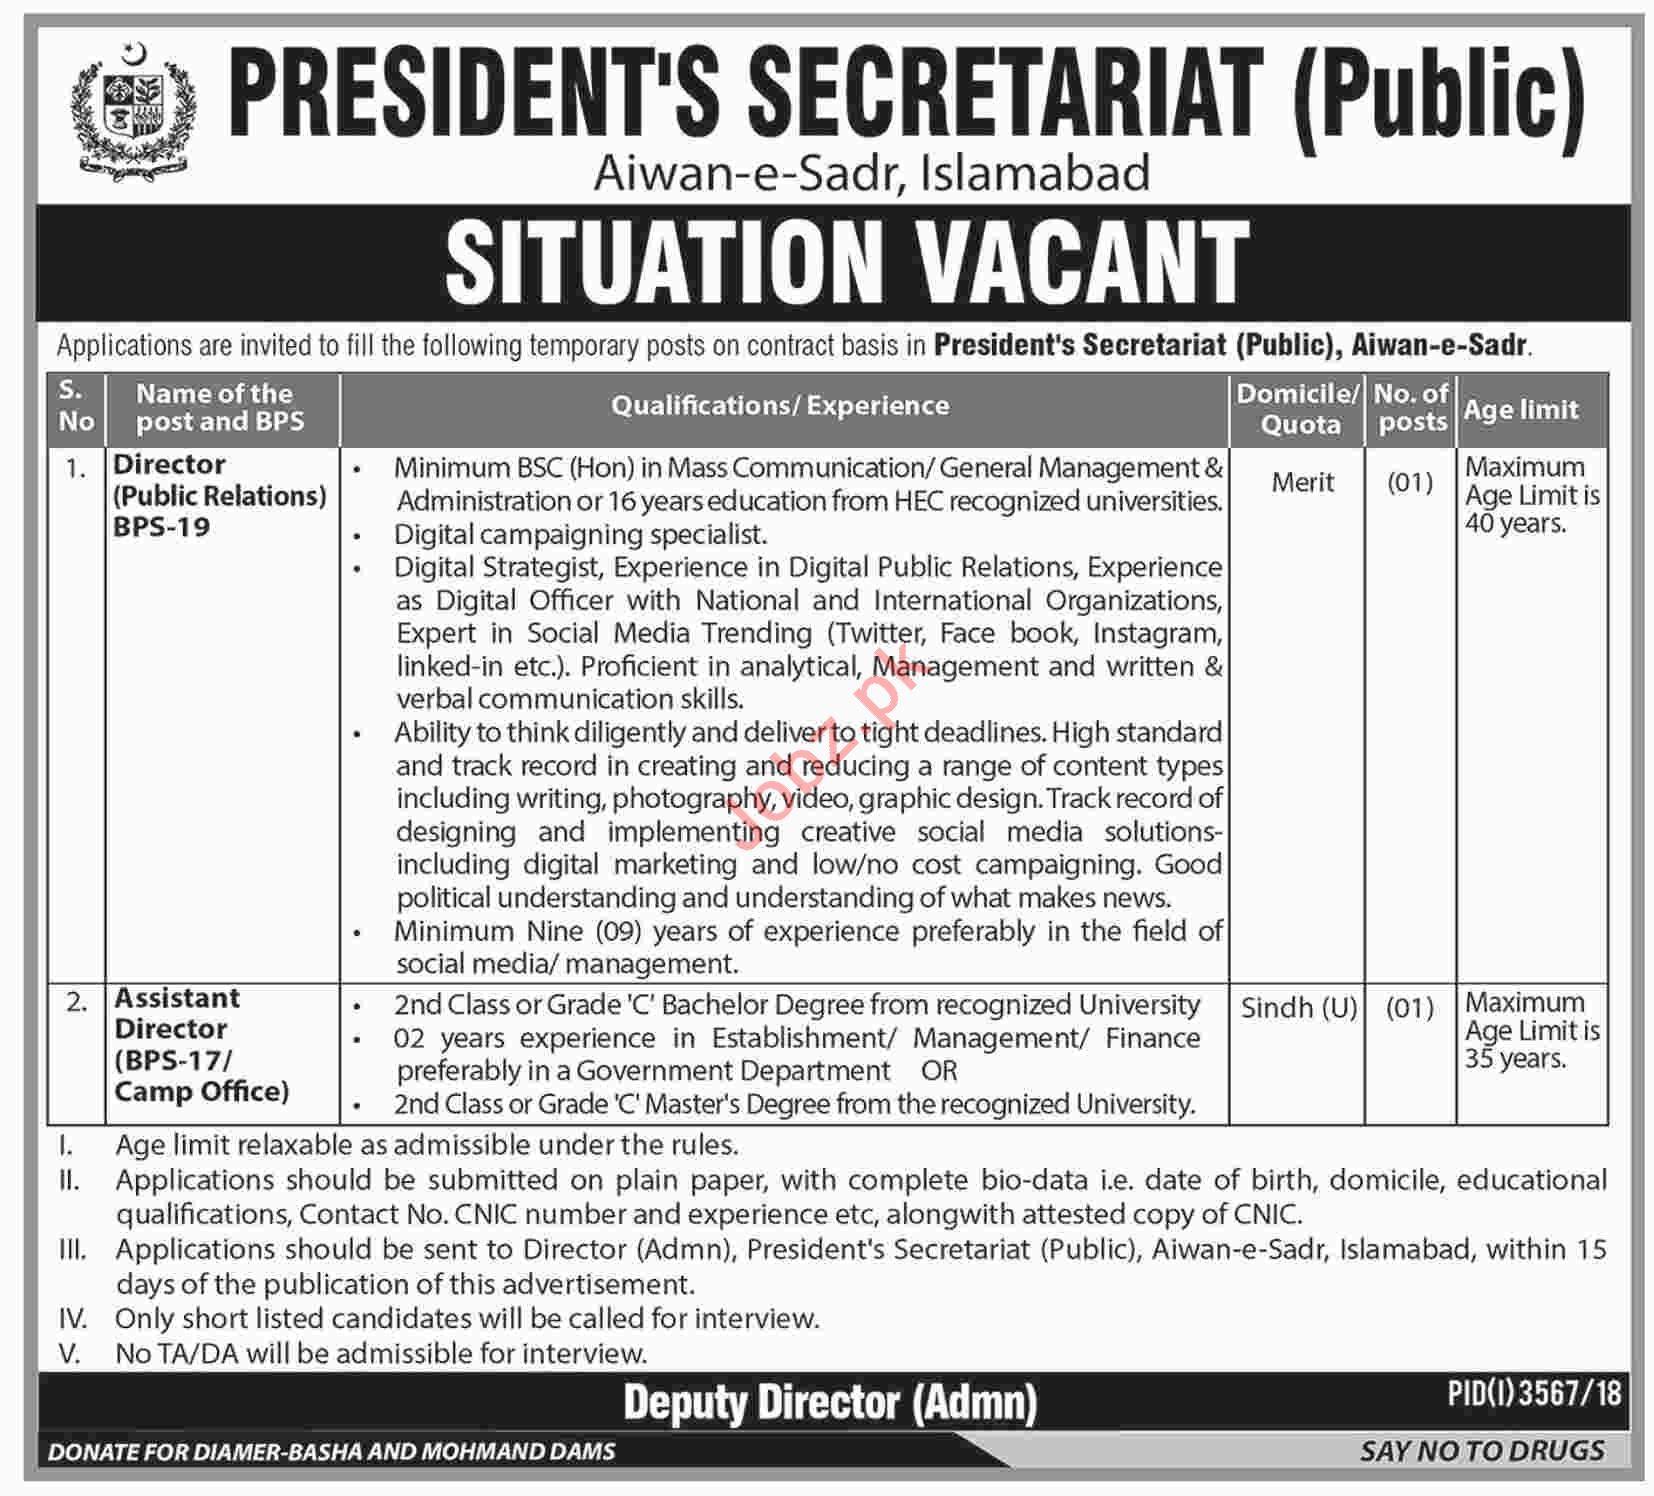 Director Jobs at President Secretariat Public Aiwan e Sadr